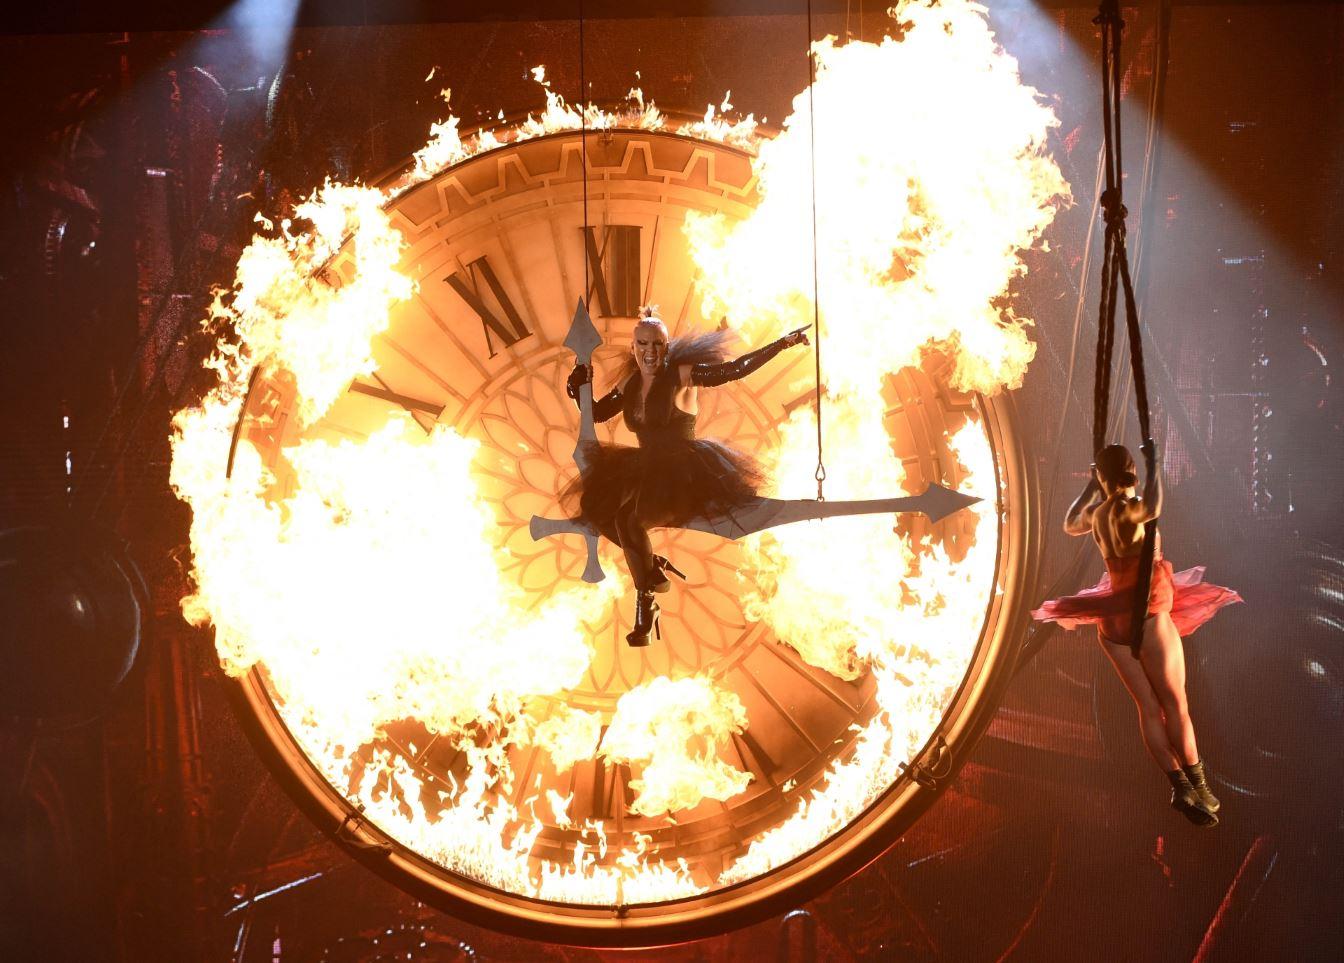 Η τραγουδίστρια Pink ερμηνεύει το κομμάτι «Just Like Fire» στα πλαίσια της απονομής των βραβείων BillBoard στο Las Vegas. @AP/Eurokinissi